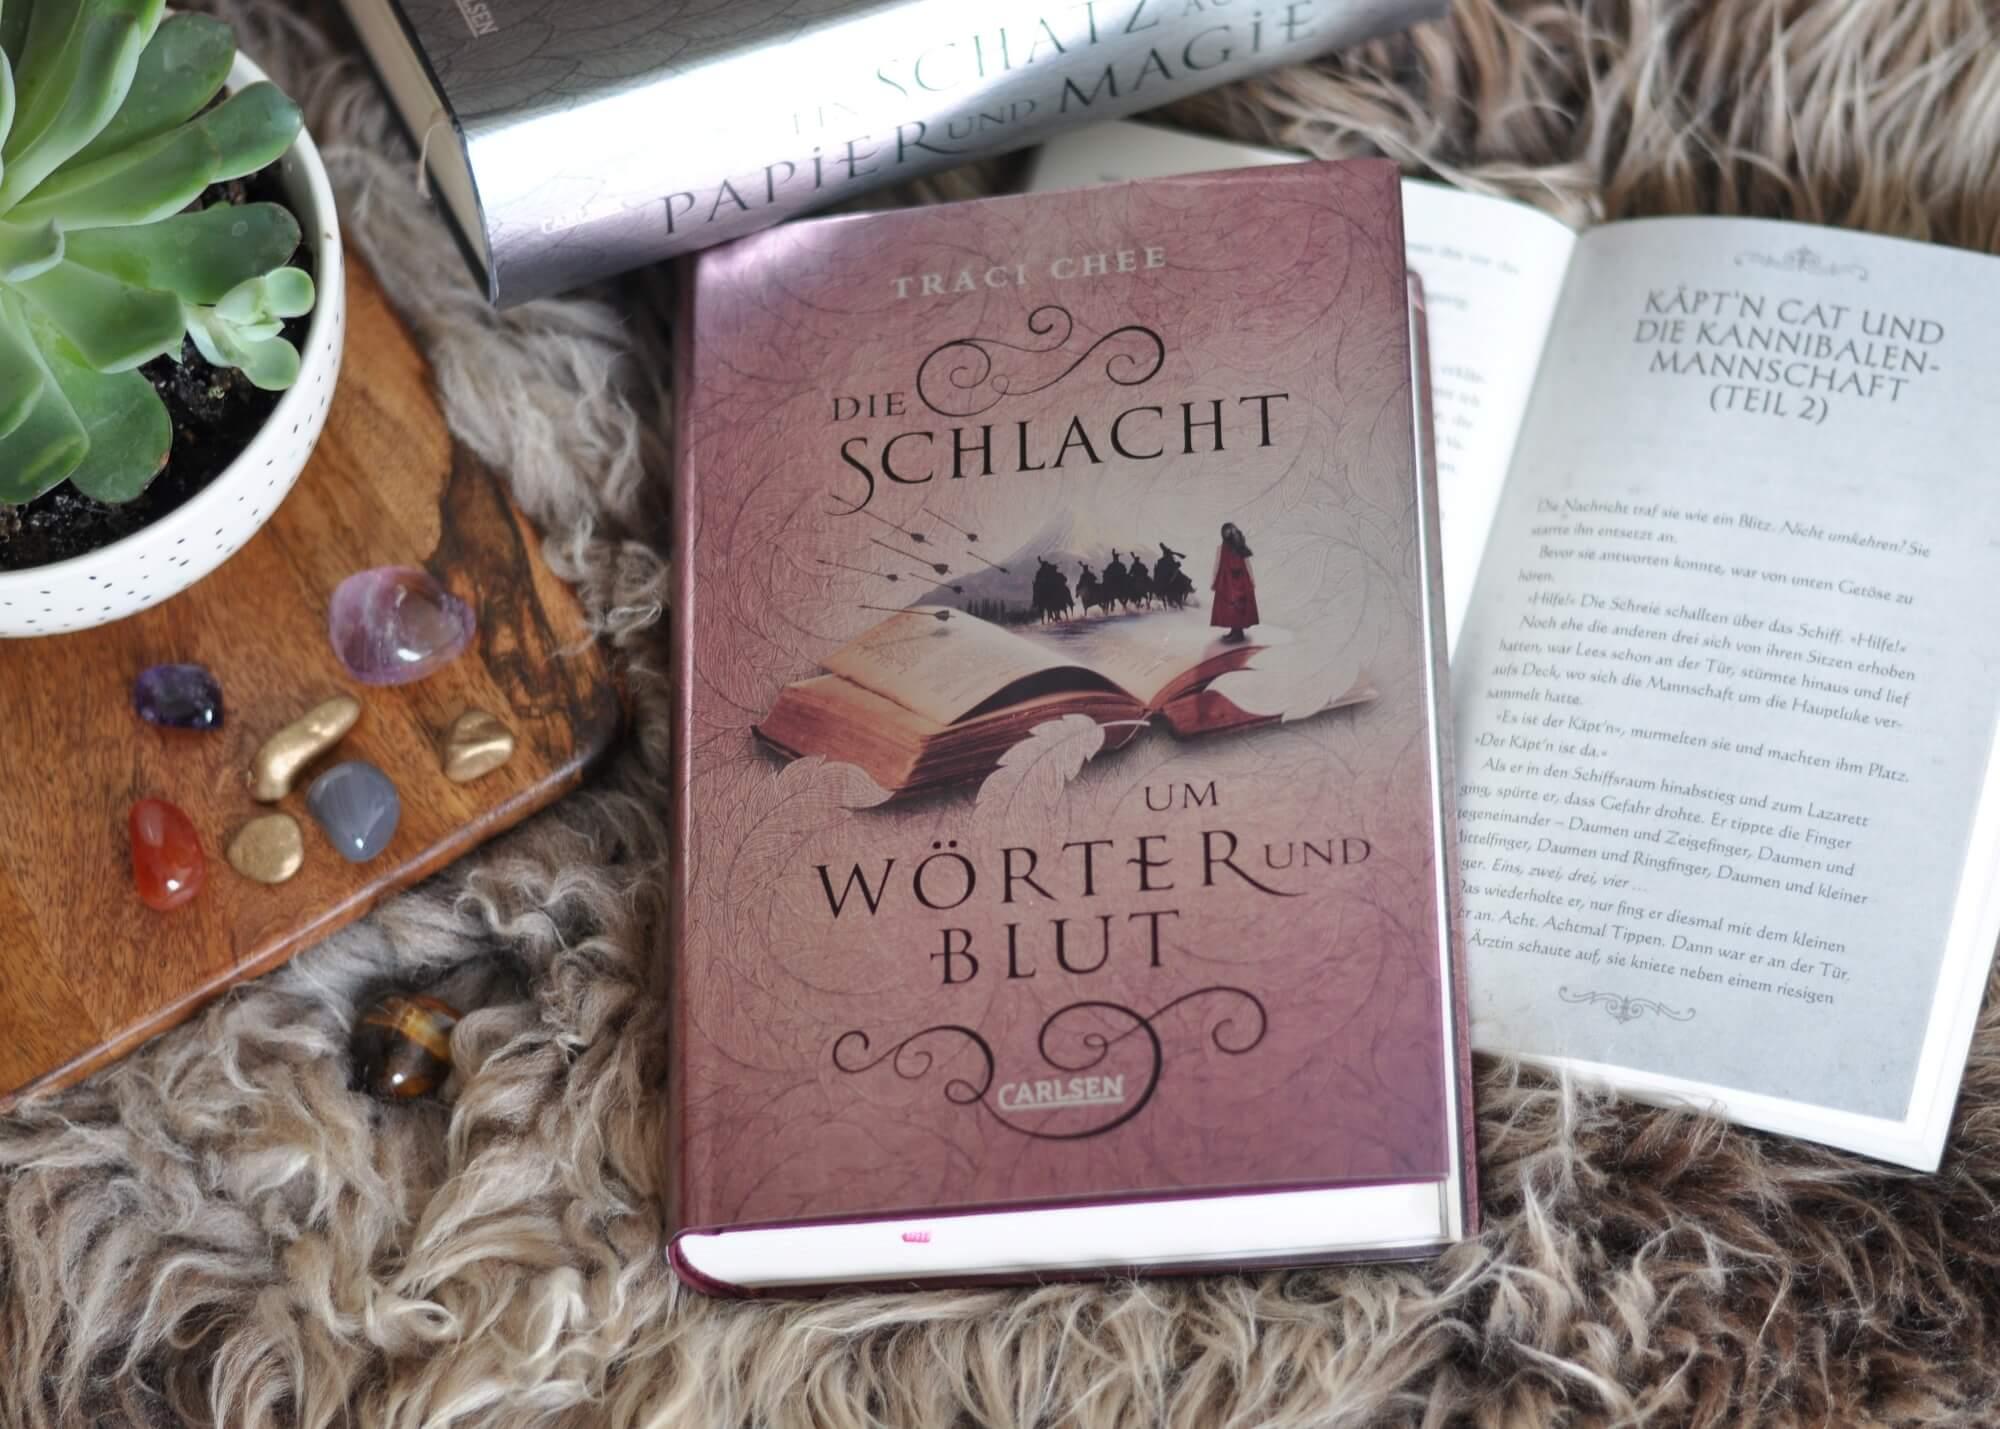 """Was geschrieben steht, trifft immer ein! Die Fantasy-Triologie """"Das Buch von Kelanna"""" ist eine Hommage an das Lesen selbst. Und wirft die Frage auf: Was ist Schicksal und was freier Wille? Magie, Liebe, Kämpfe, Verrat, Rätsel und Piraten - wer das liebt, liest hier genau richtig. #magie #fantasy #lesen #buch #wörter #geschichte #piraten #triologie #liebe #romancy"""